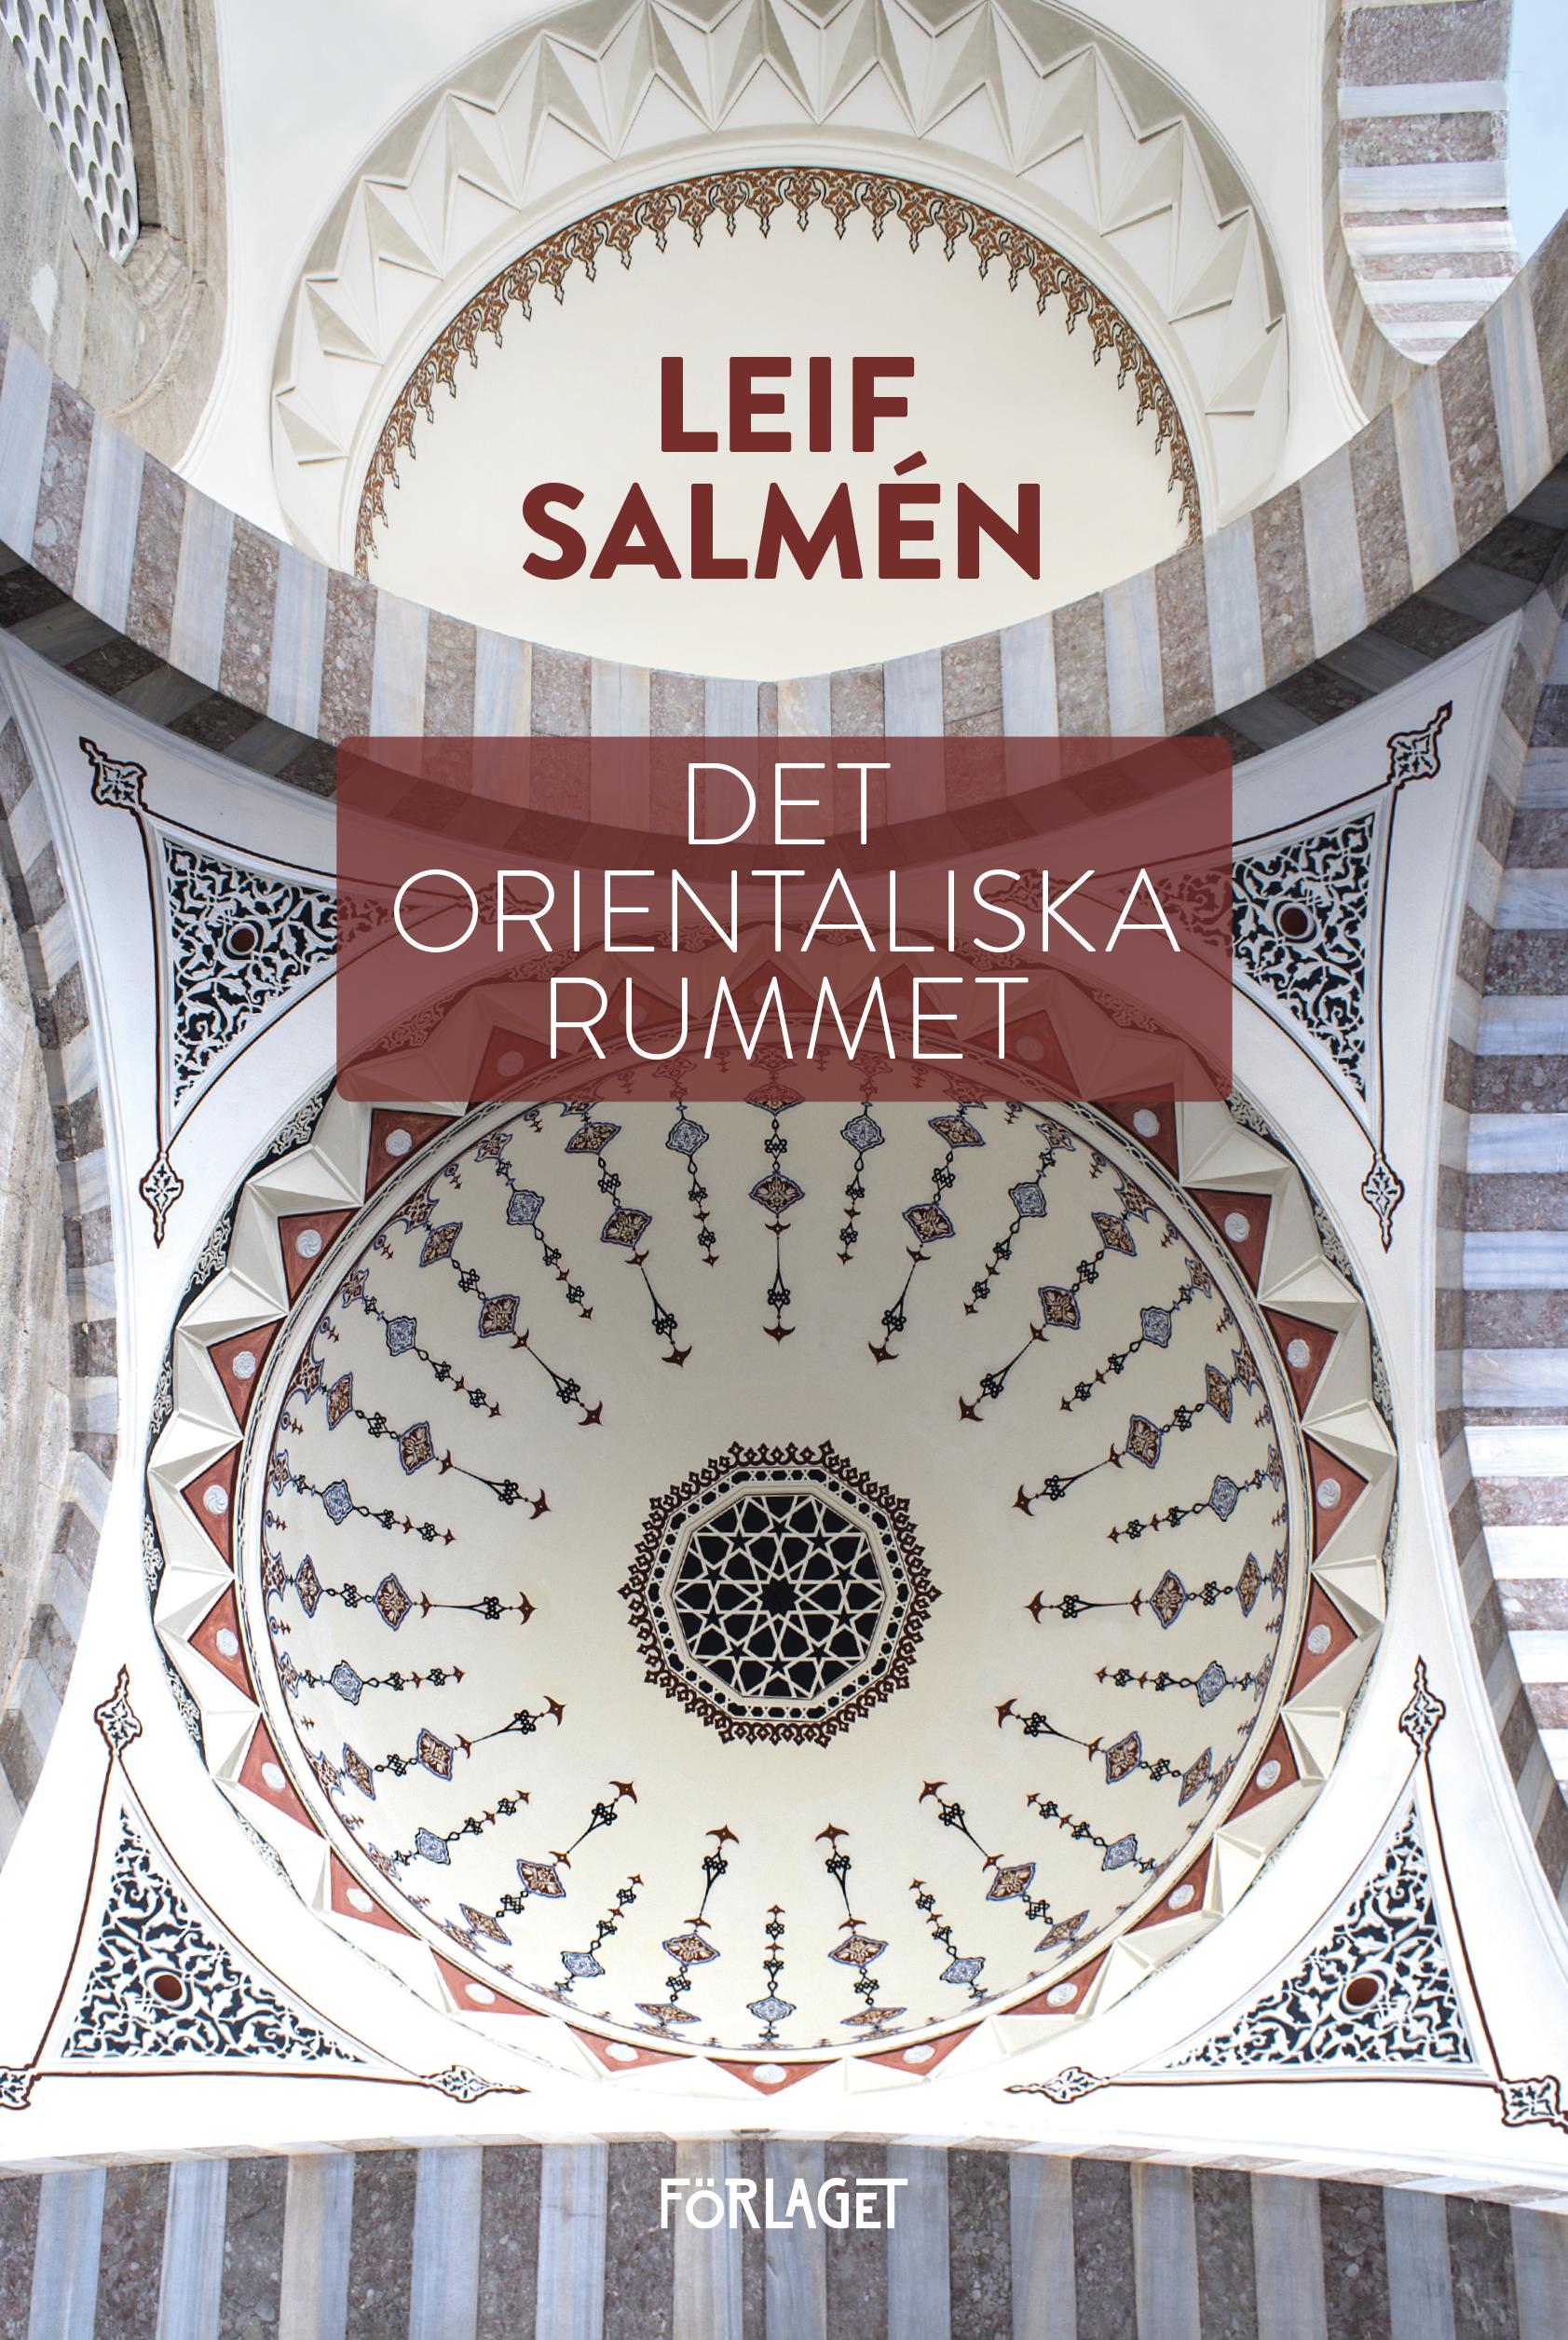 Leif Salmén: Det orientaliska rummet